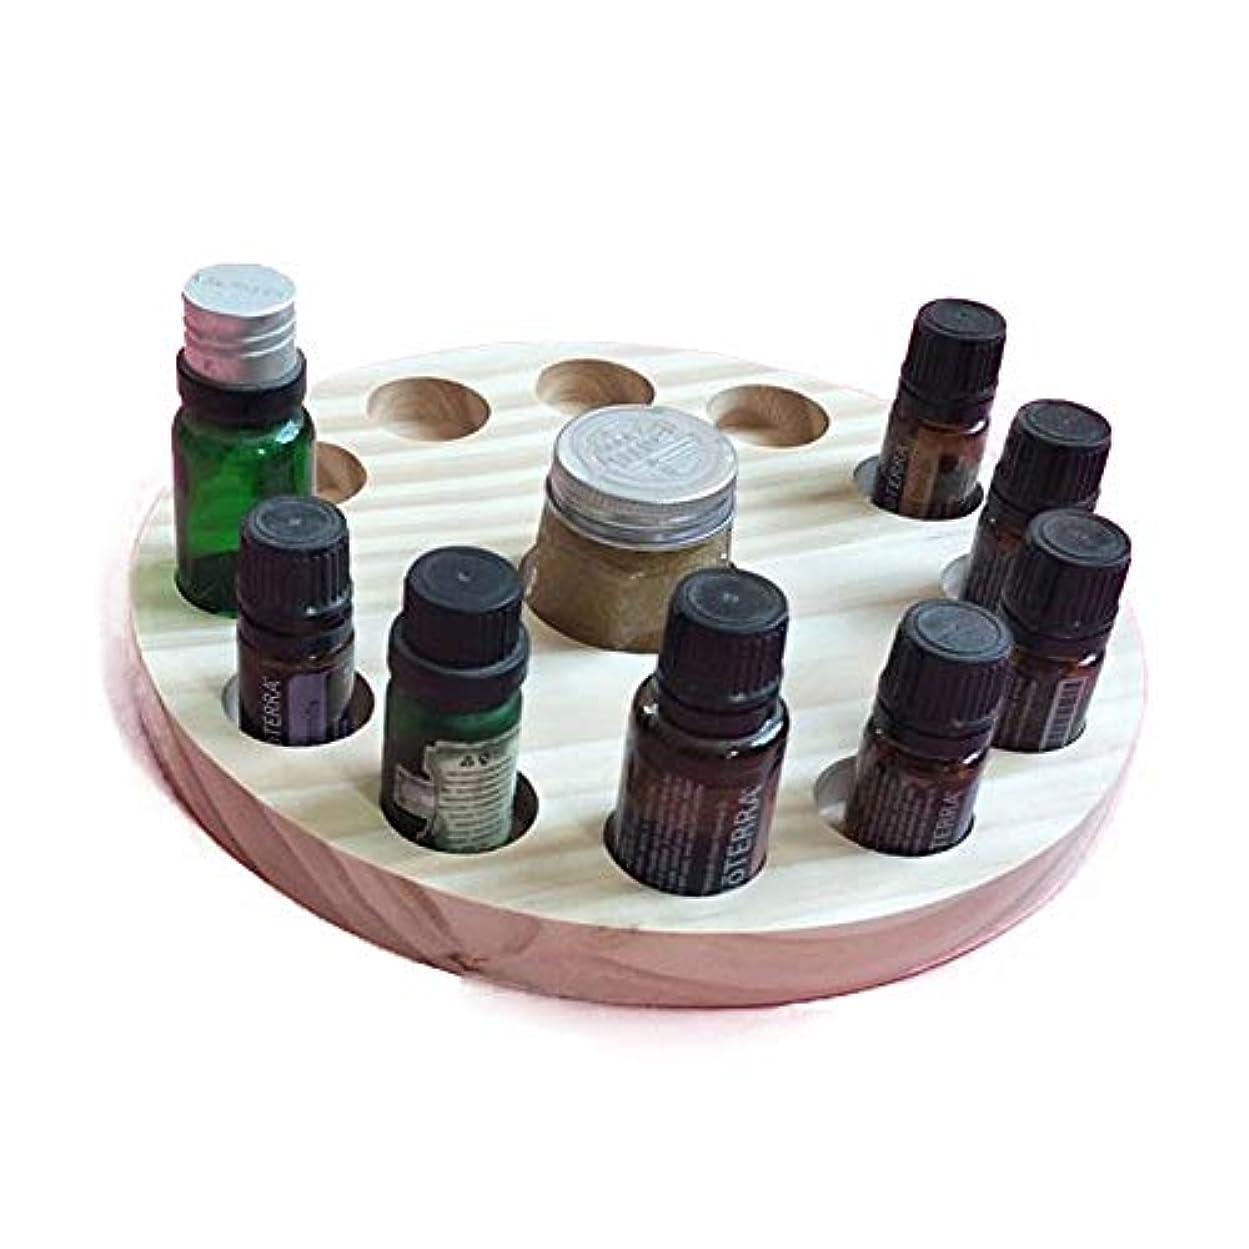 監査海嶺軽量エッセンシャルオイルストレージボックス 木製の13スロットエッセンシャルオイルストレージホルダーは12本の10mlの油のボトルを保持します 旅行およびプレゼンテーション用 (色 : Natural, サイズ : Free...